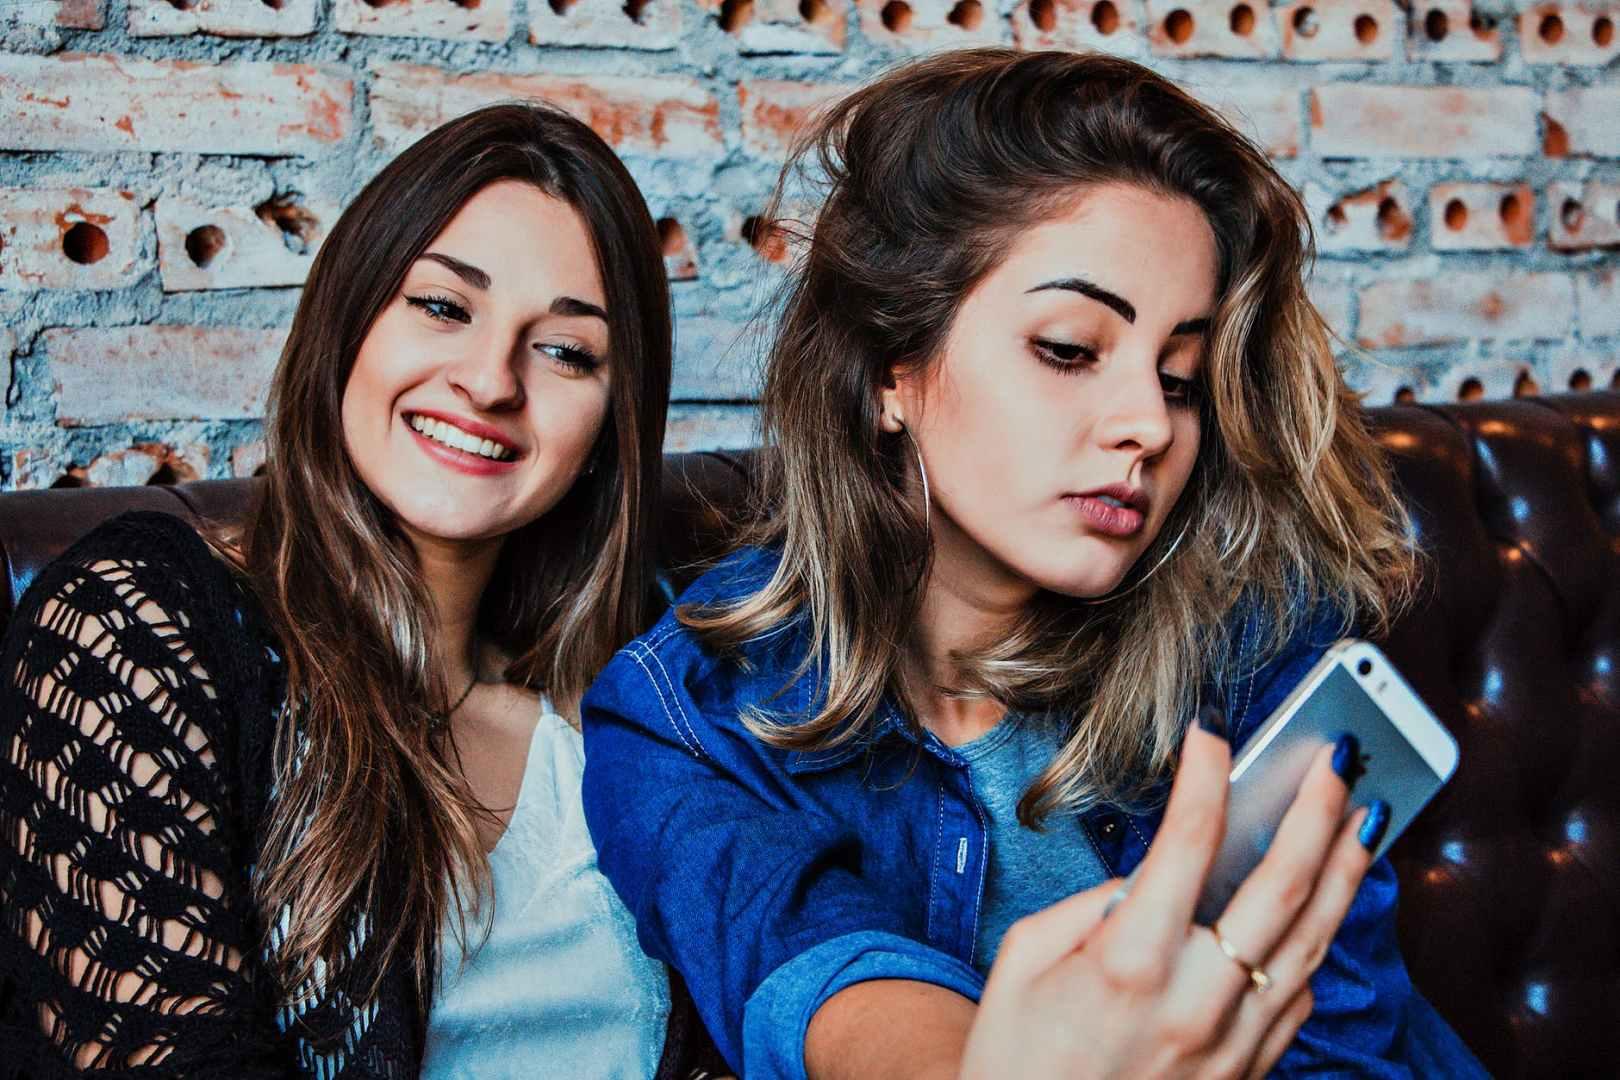 selfie égoportrait pexel photo